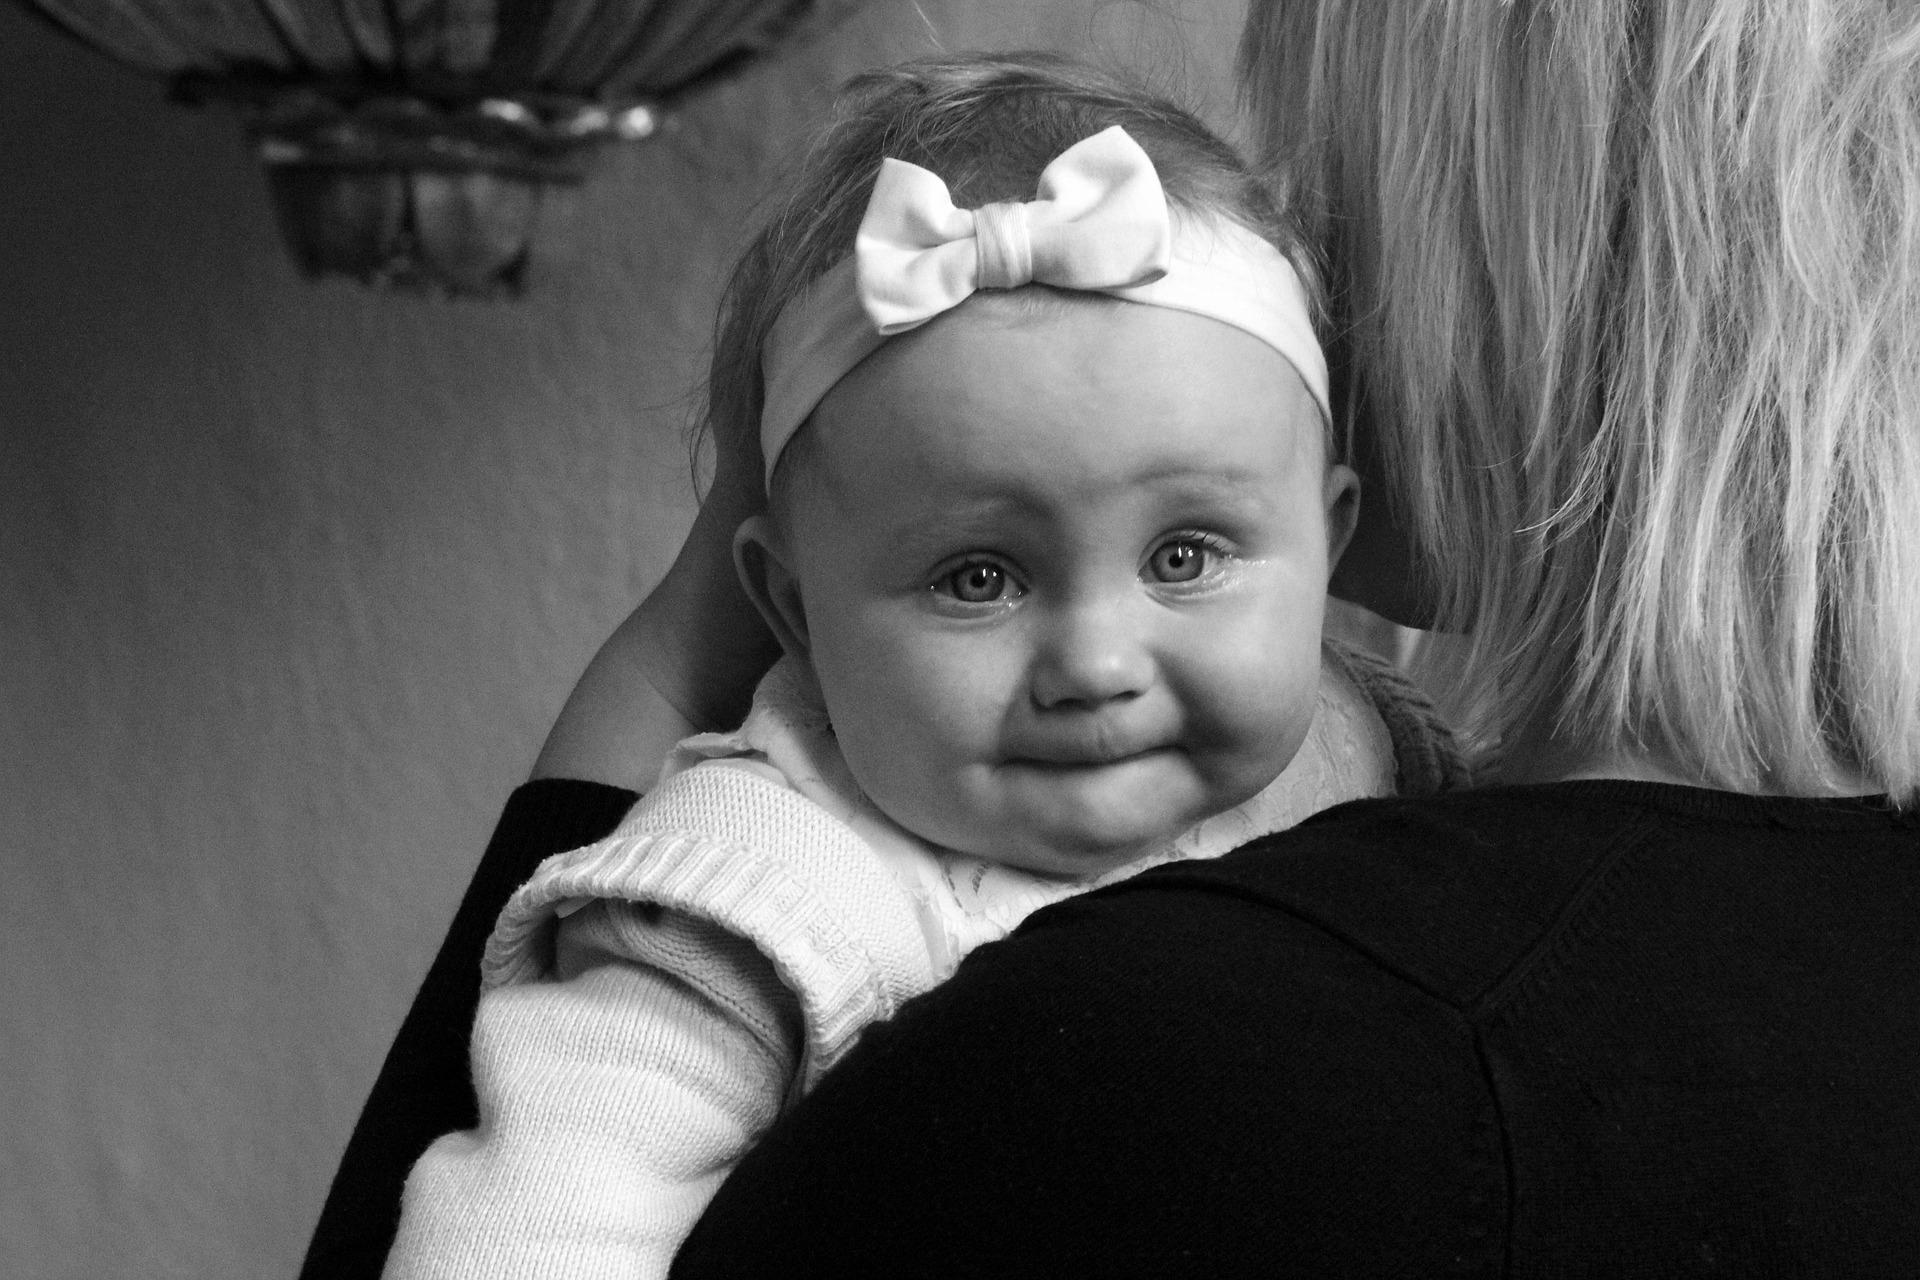 baby-517552_1920